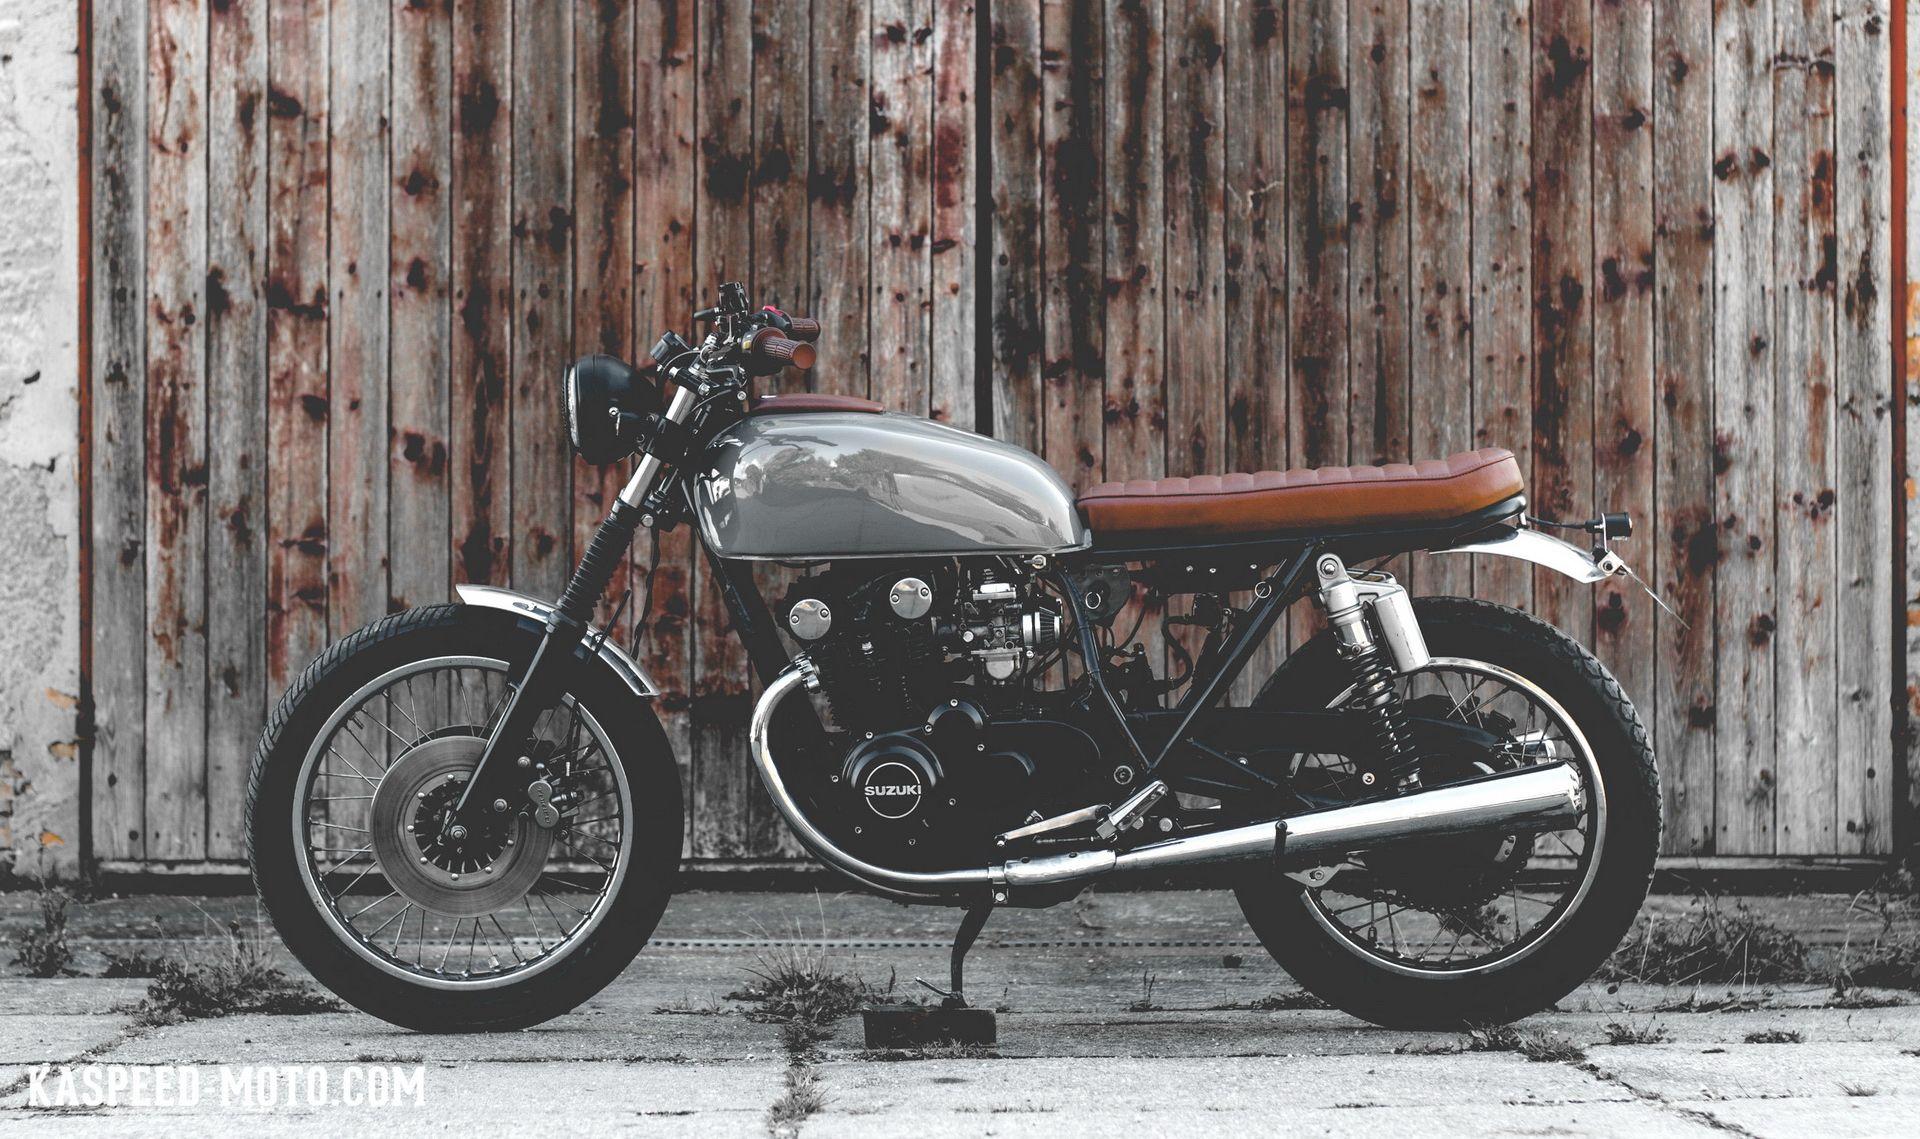 Suzuki Gs 550 Brat Custom Cafe Racer Motorcycle Motorrad Bike Brat Motorcycle Brat Bike Brat Style [ 1139 x 1920 Pixel ]